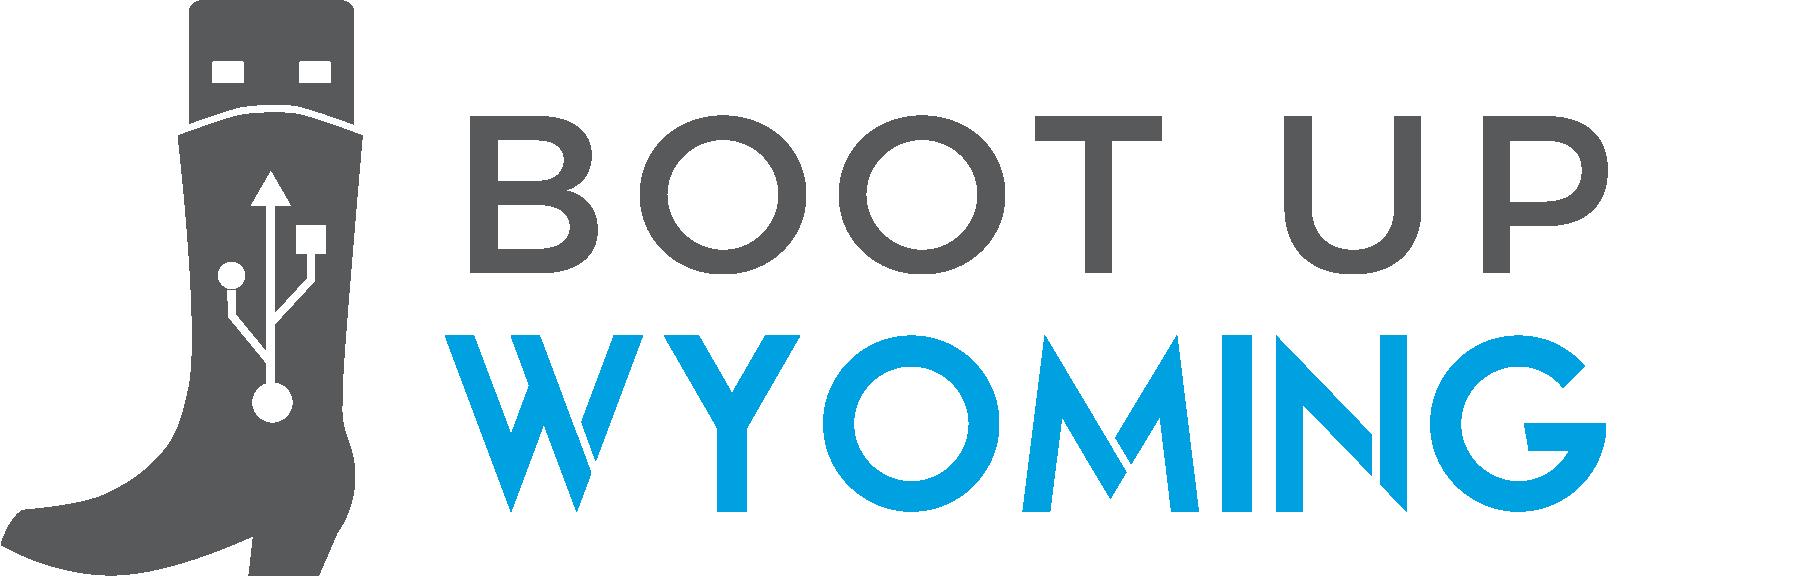 image of WY logo